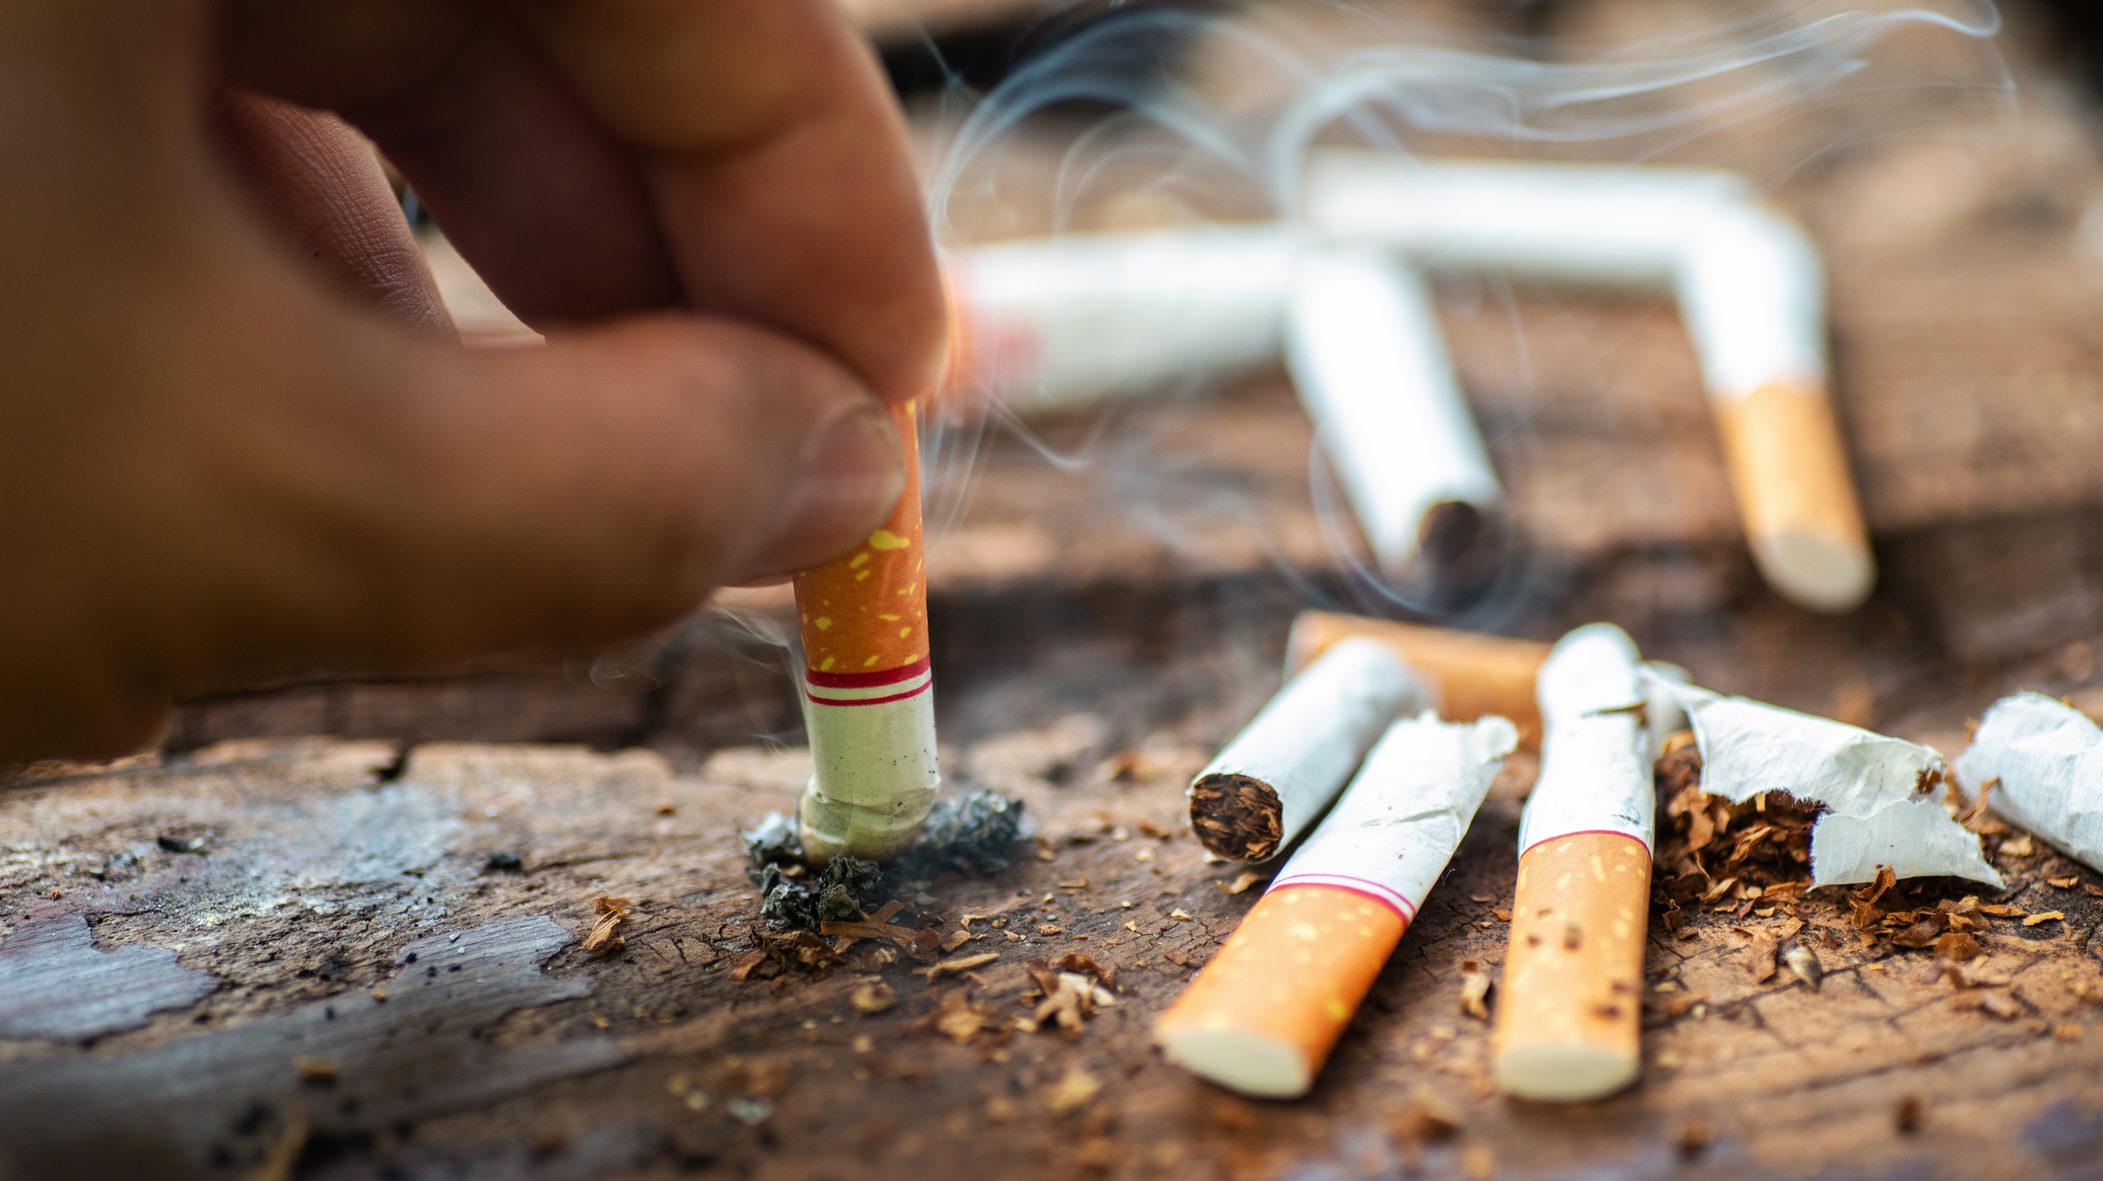 Hogyan lehet leszokni a dohányzásról az androiddal